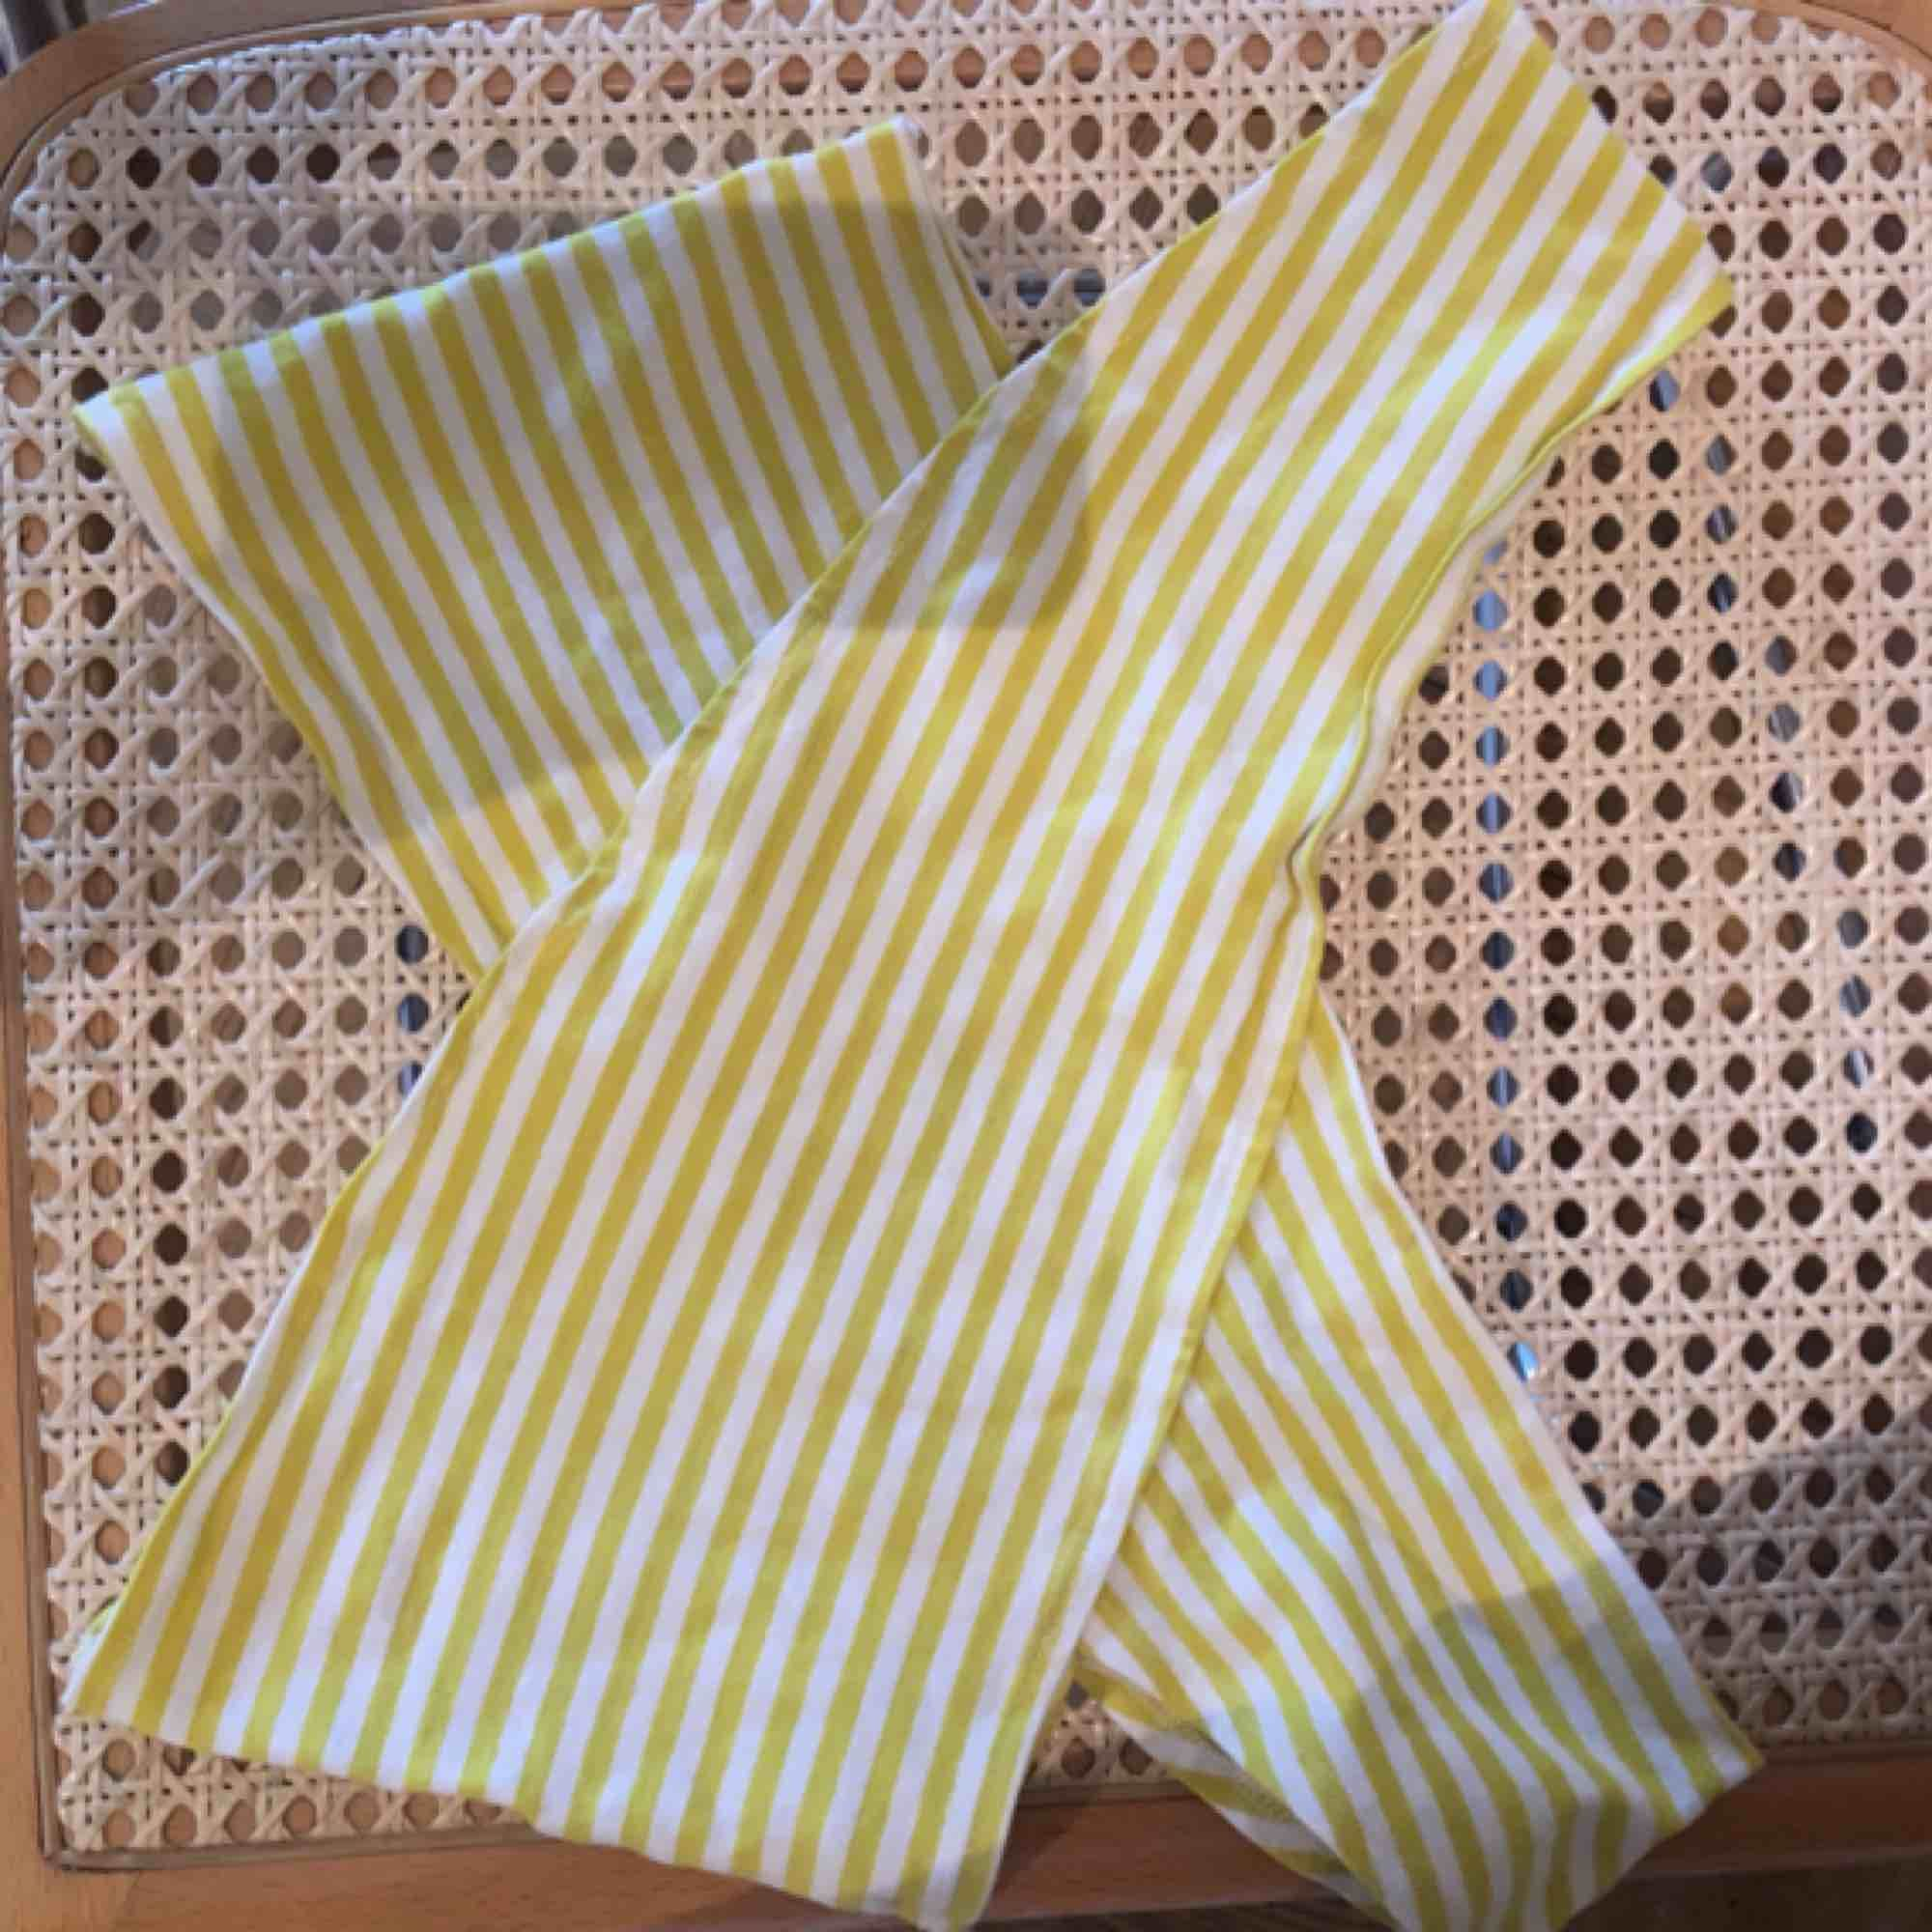 Jättesöt sommar-topp från Gina tricot i strl m men tyget e så pass stretchigt så skulle säga att den passar XS-L. Färgen kommer inte riktigt fram på bilderna men den är vit och typ neongulgrön 💛💚. Toppar.